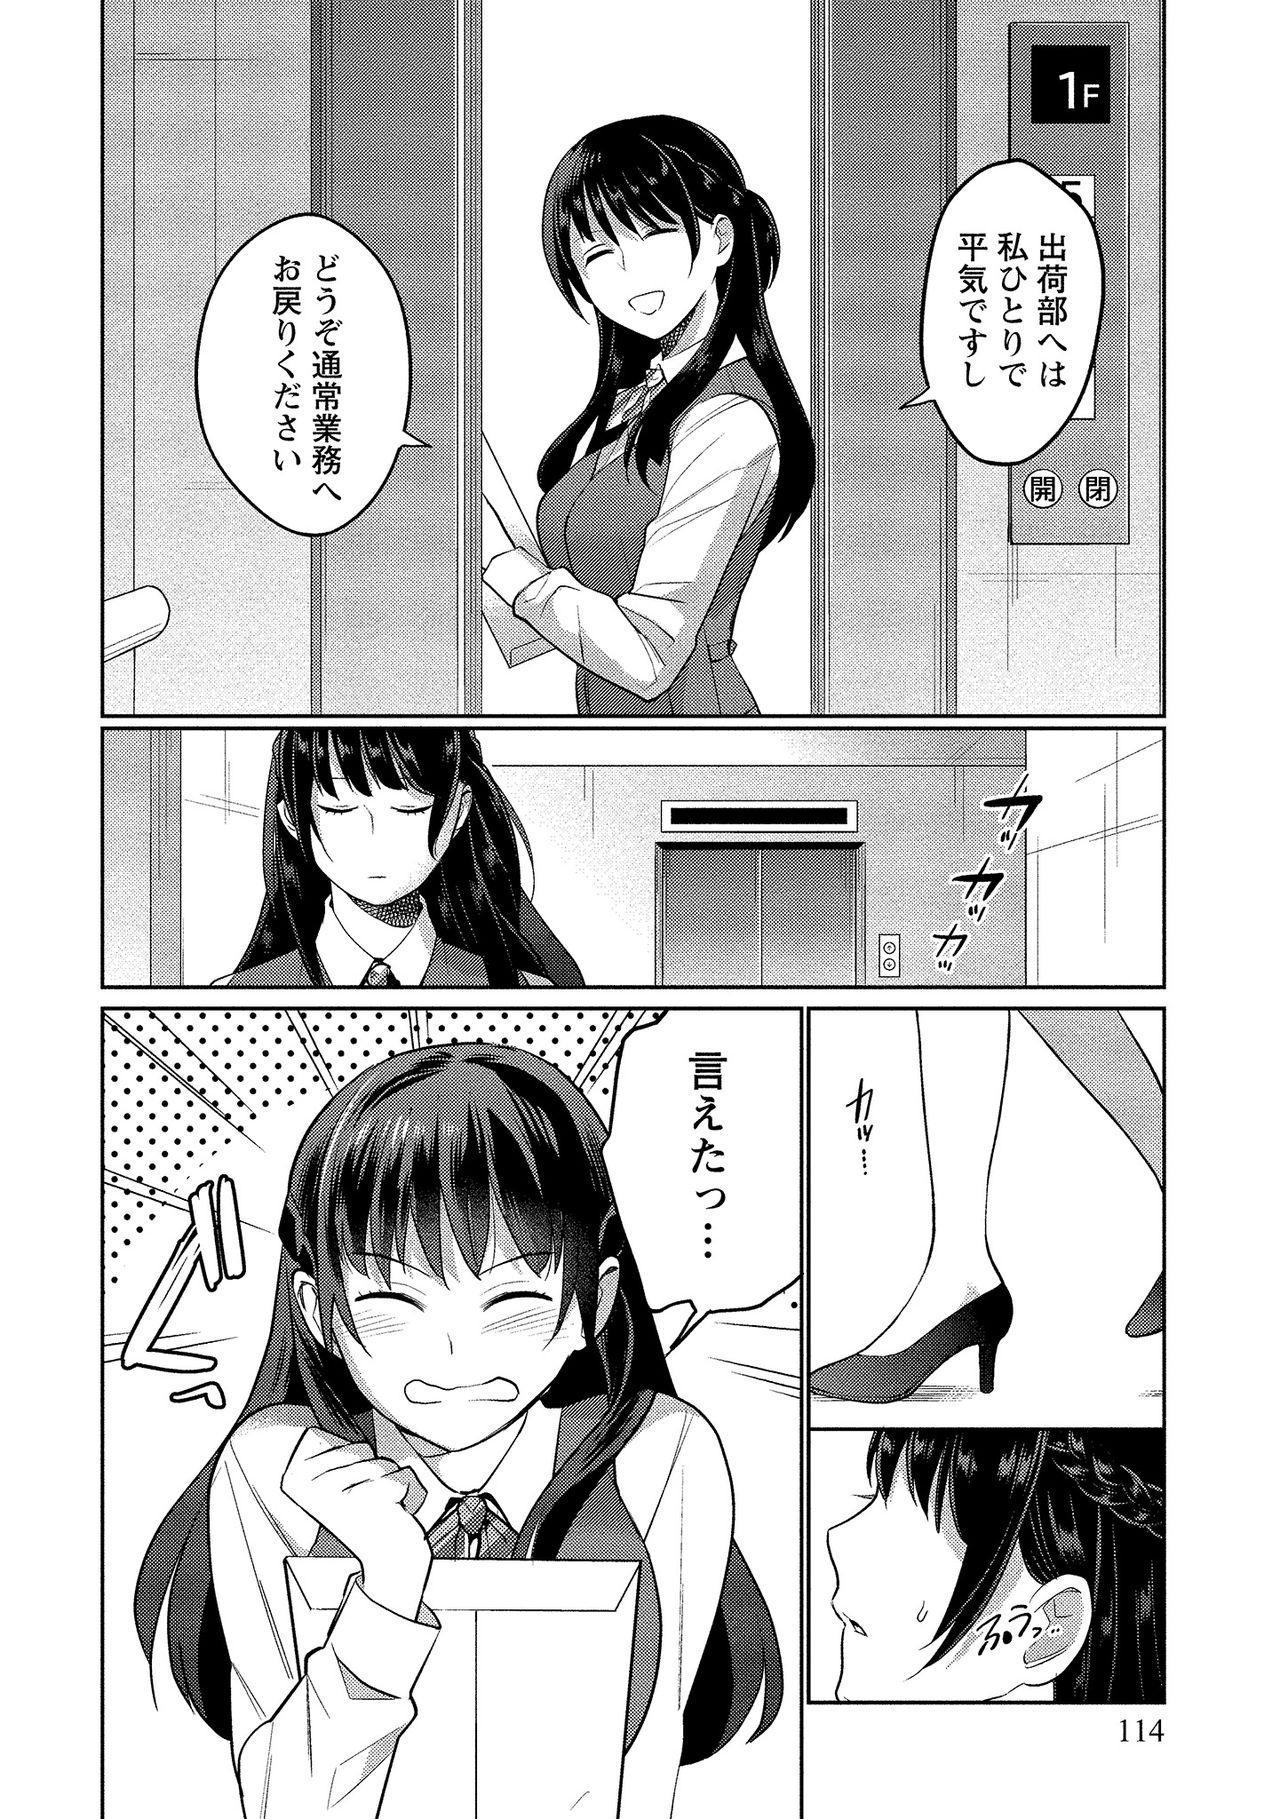 Dorobou Neko wa Kanojo no Hajimari 114